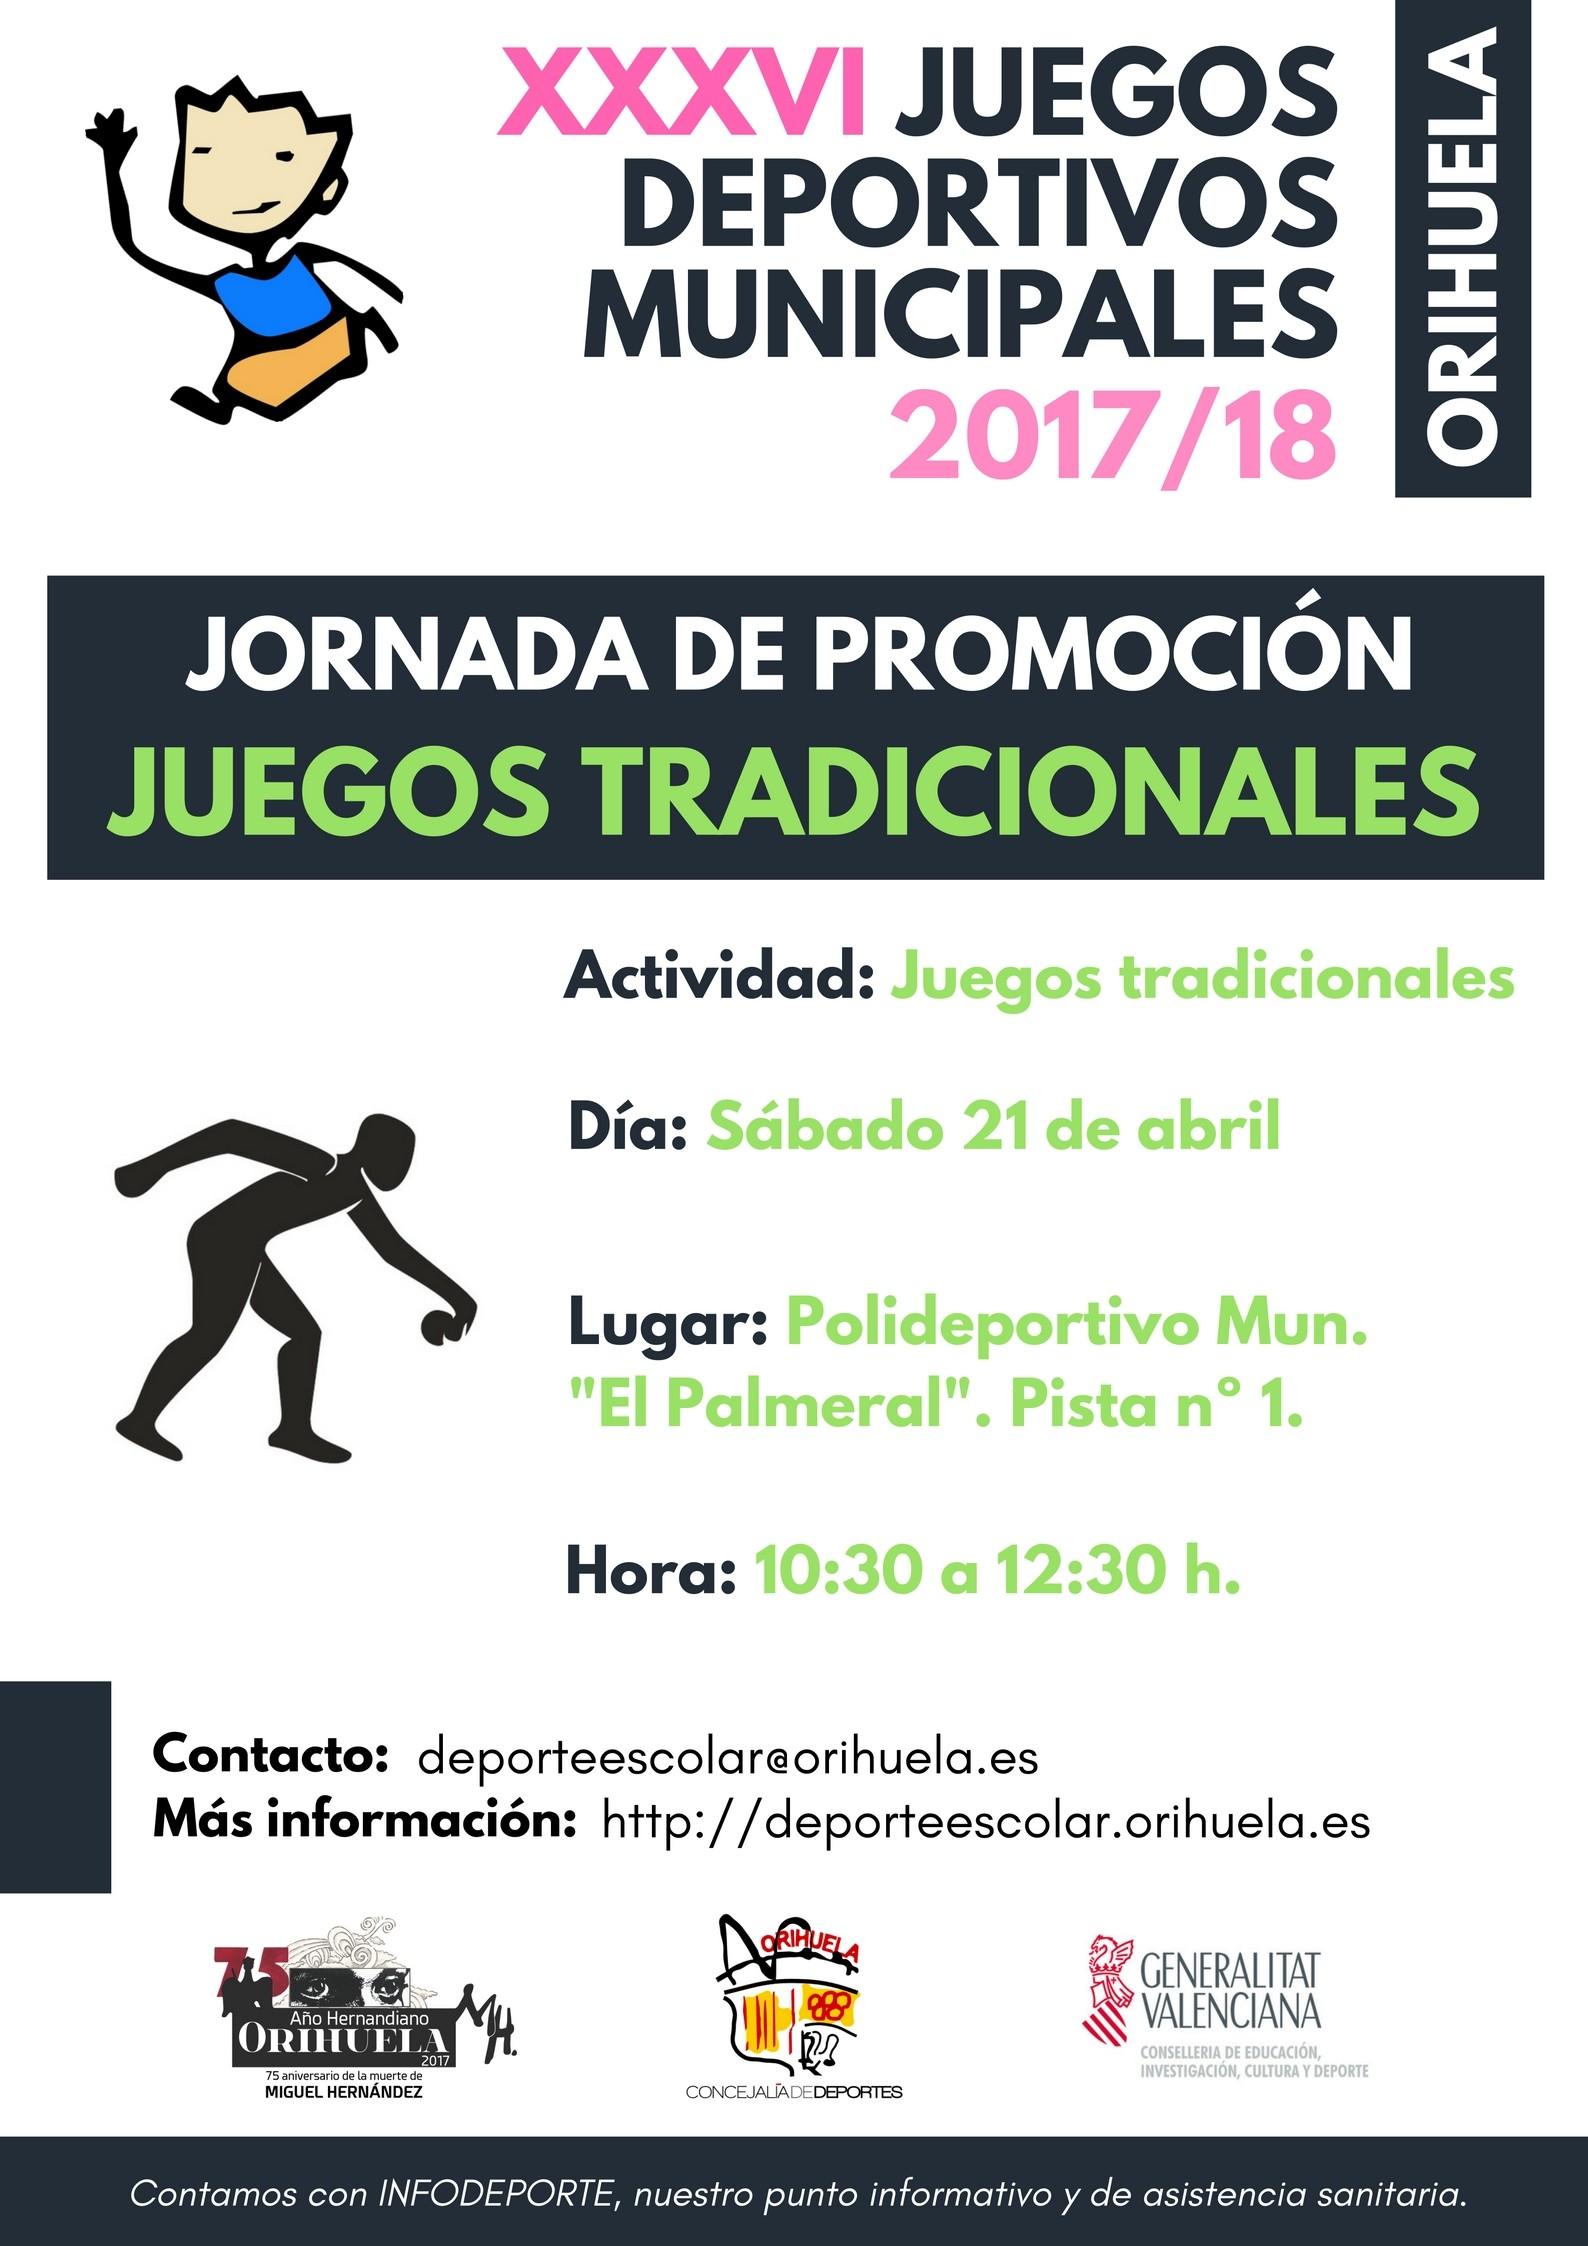 Calendario Escolar orihuela 2019 Más Recientemente Liberado Jornada De Juegos Tradicionales Juegos Deportivos Municipales